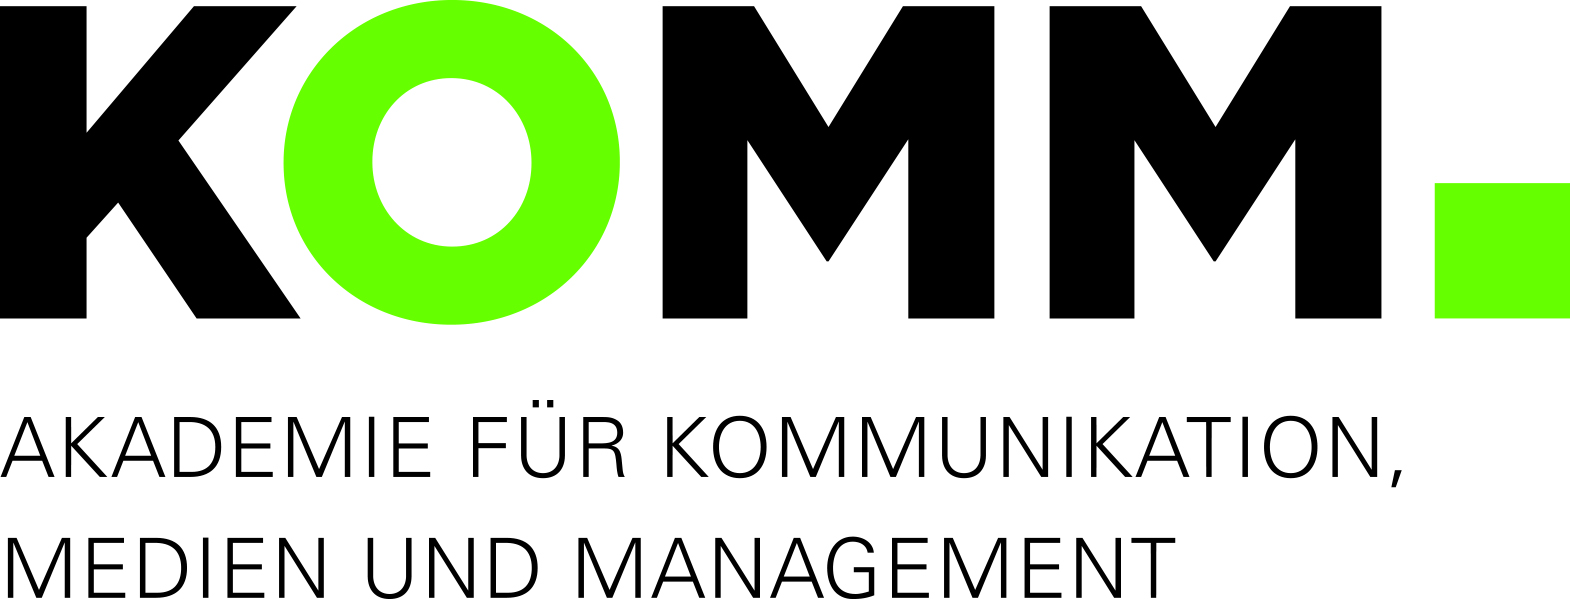 KOMM.AKADEMIE GmbH